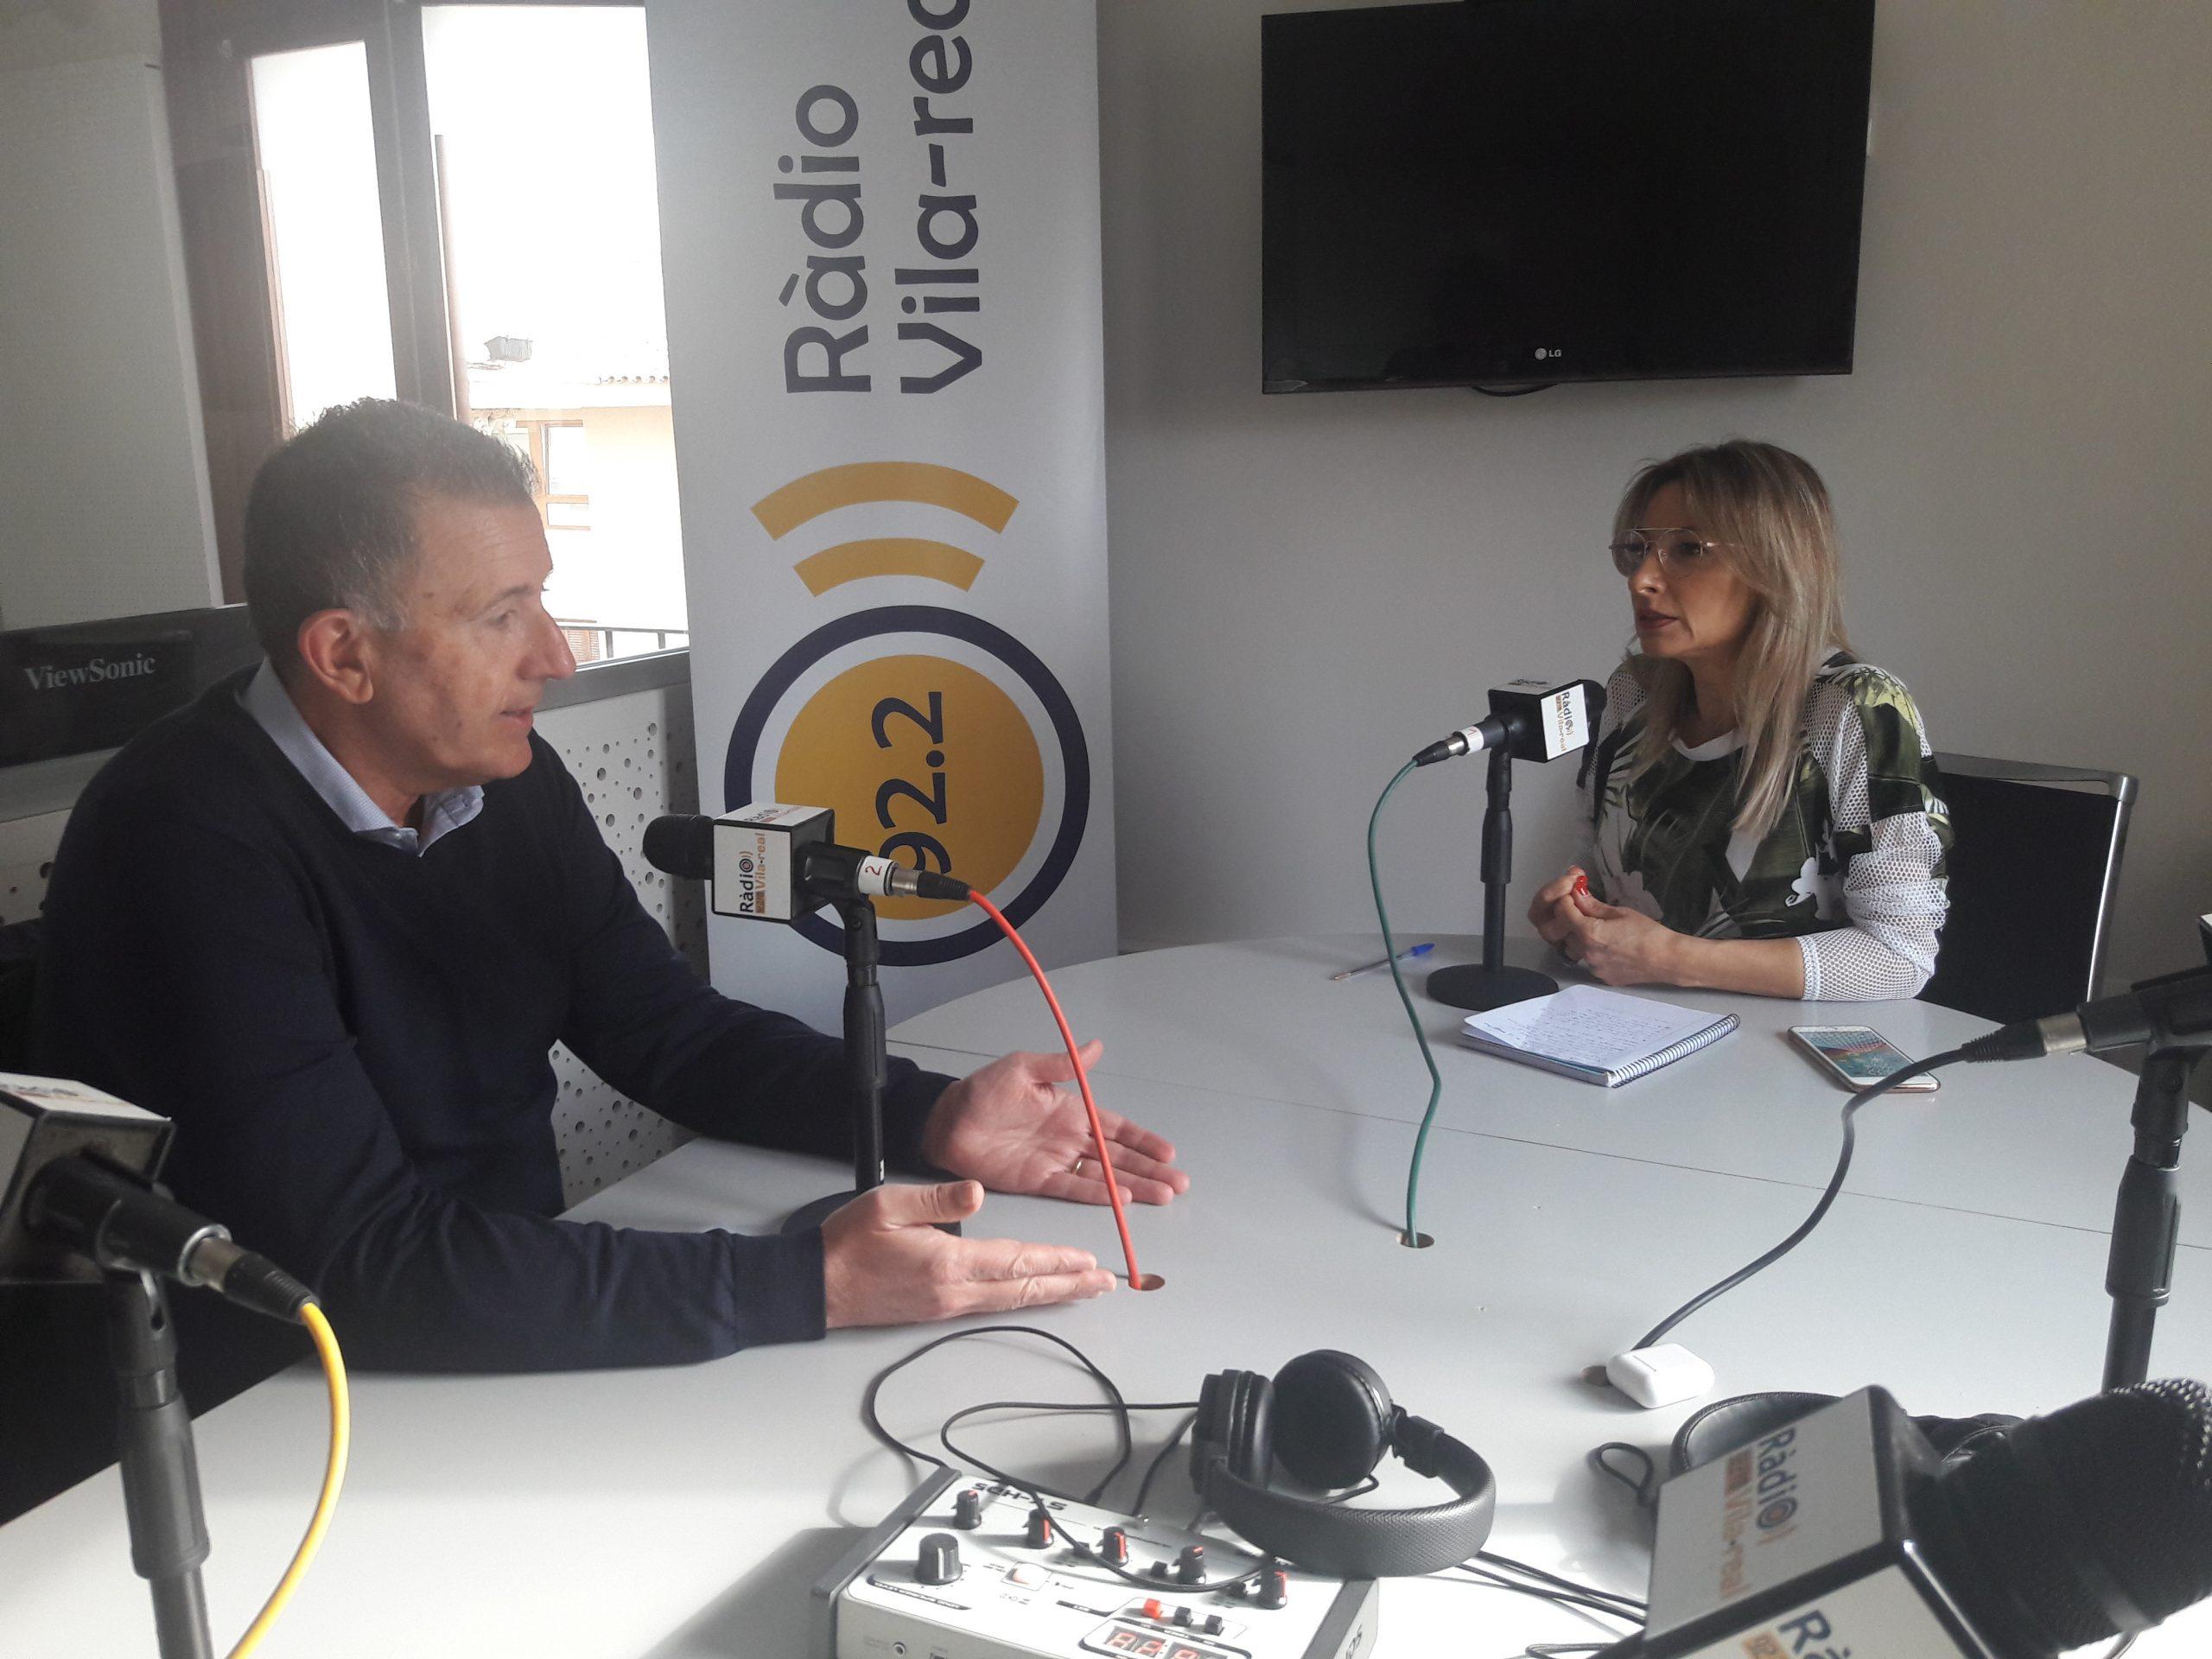 Entrevista al portavoz del PP en la diputación y concejal del Ayuntamiento de Castellón, Vicent Sales